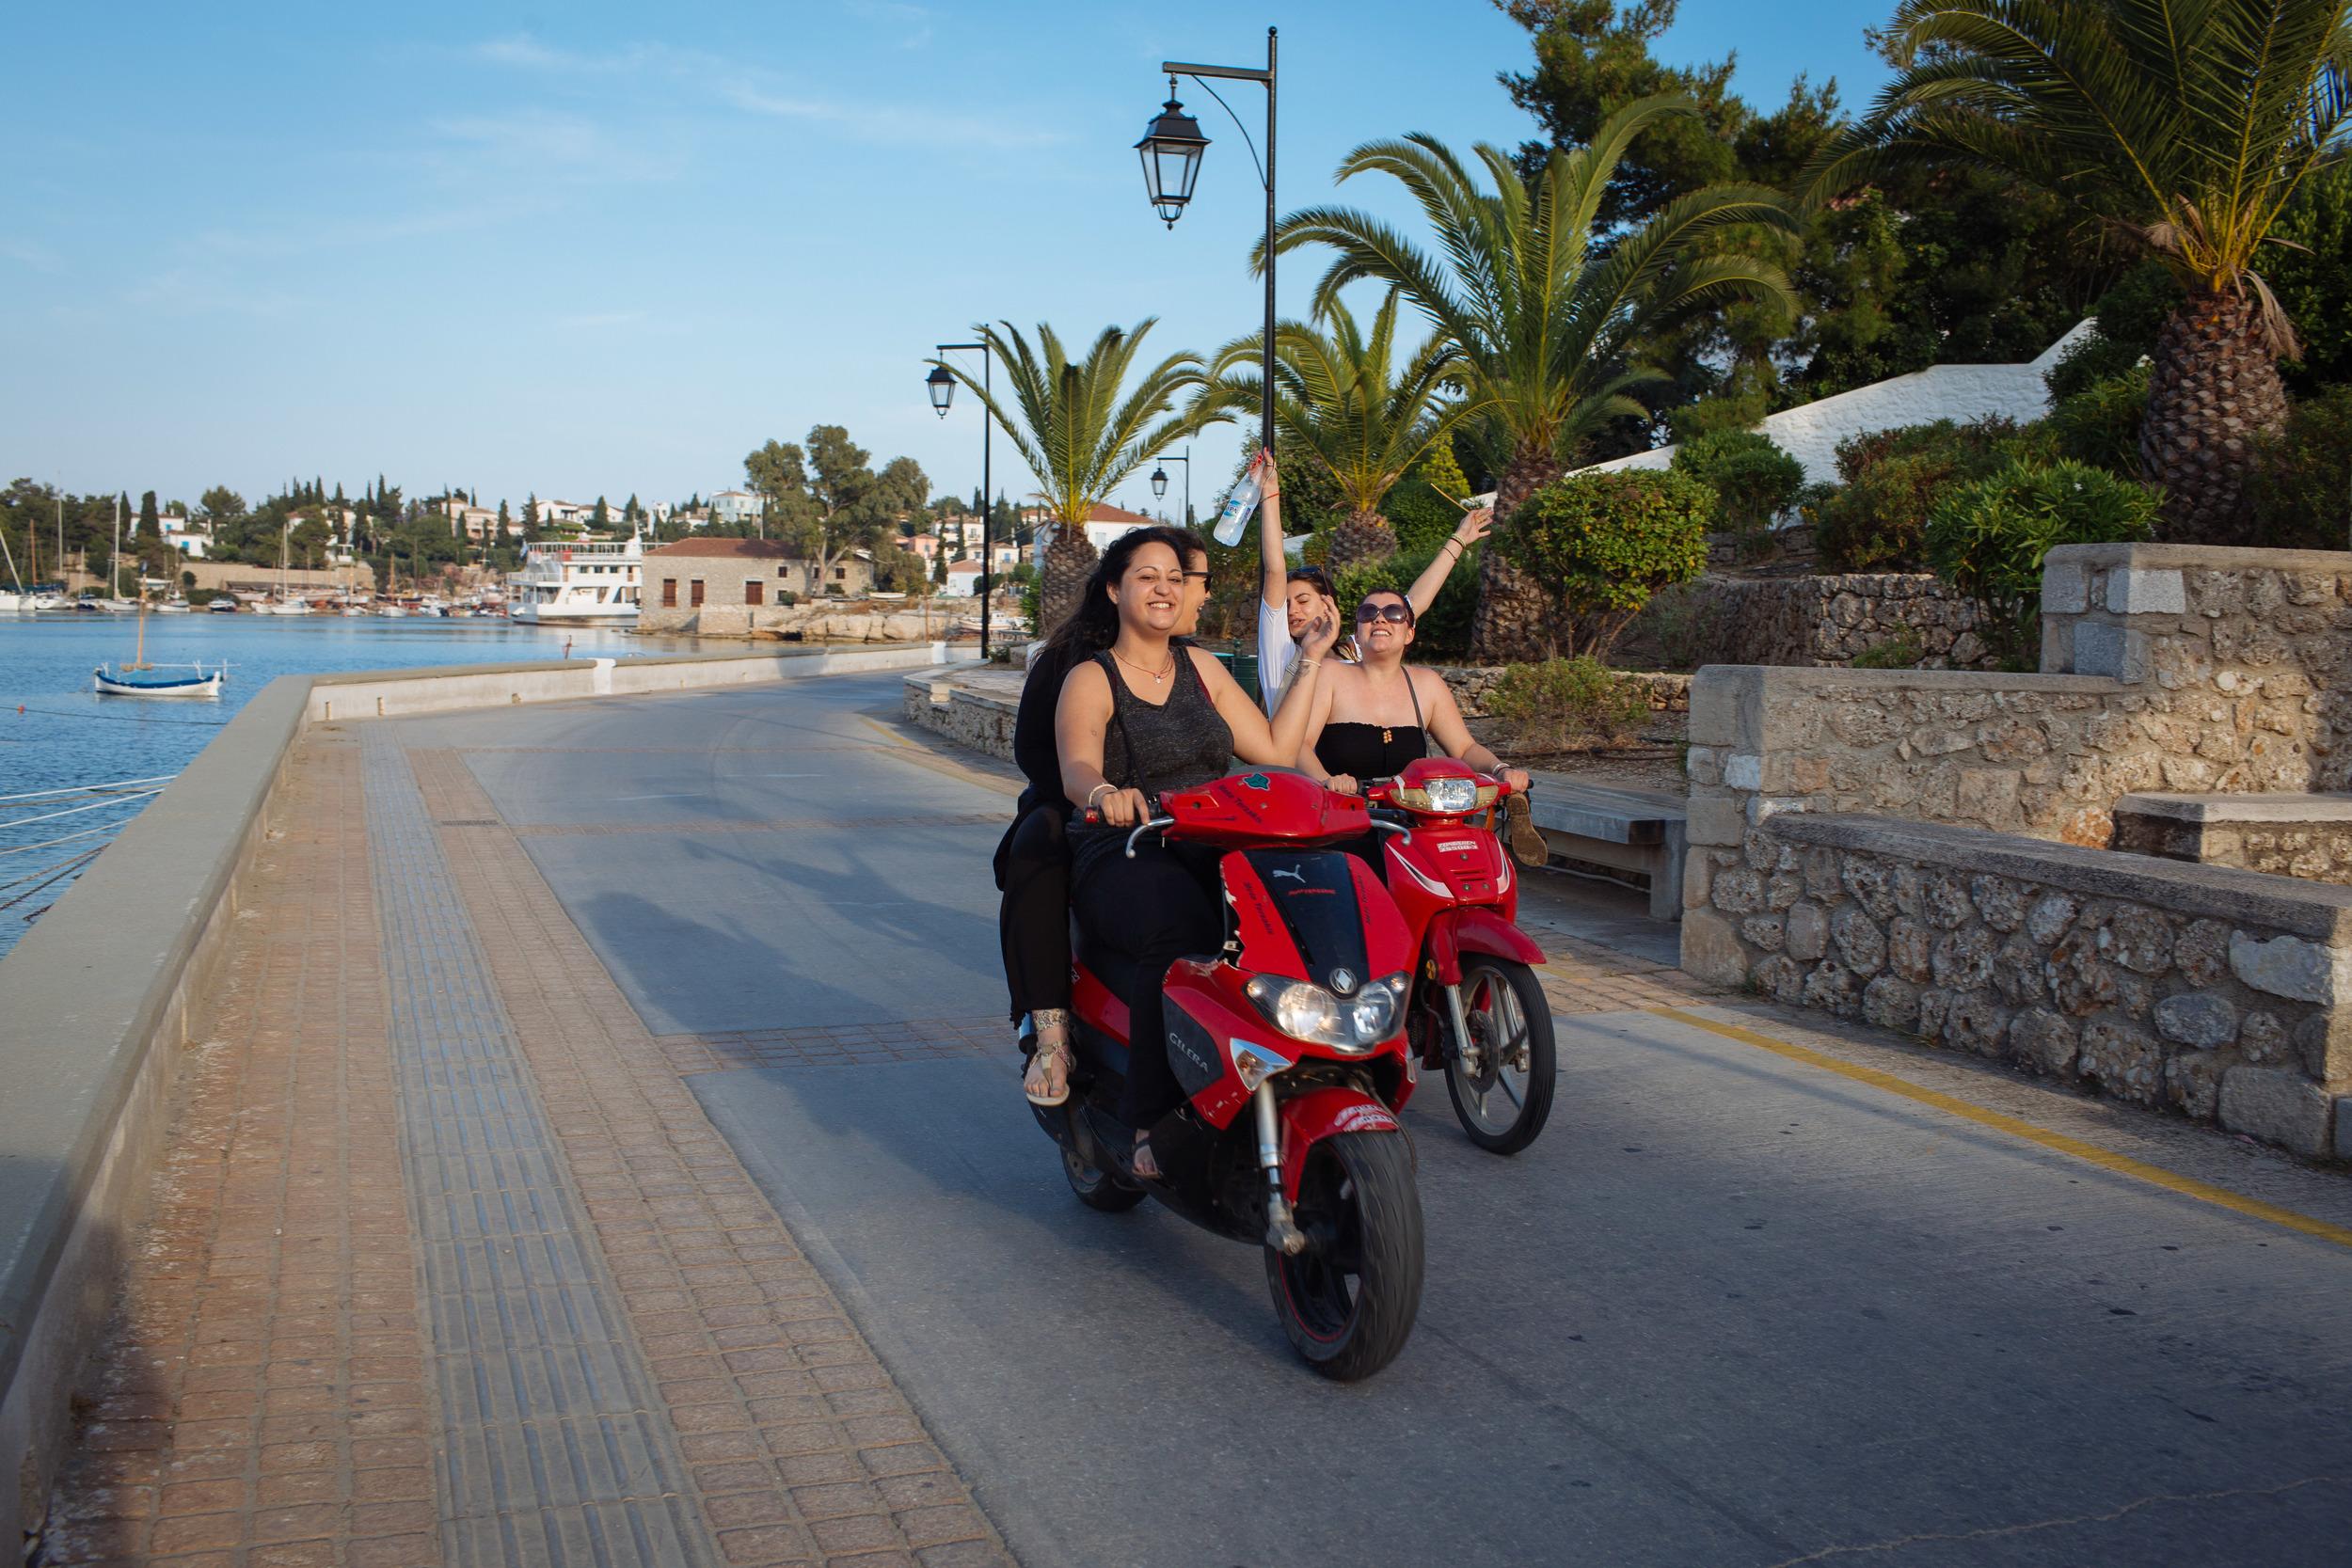 Greece_062015_emb-63.jpg